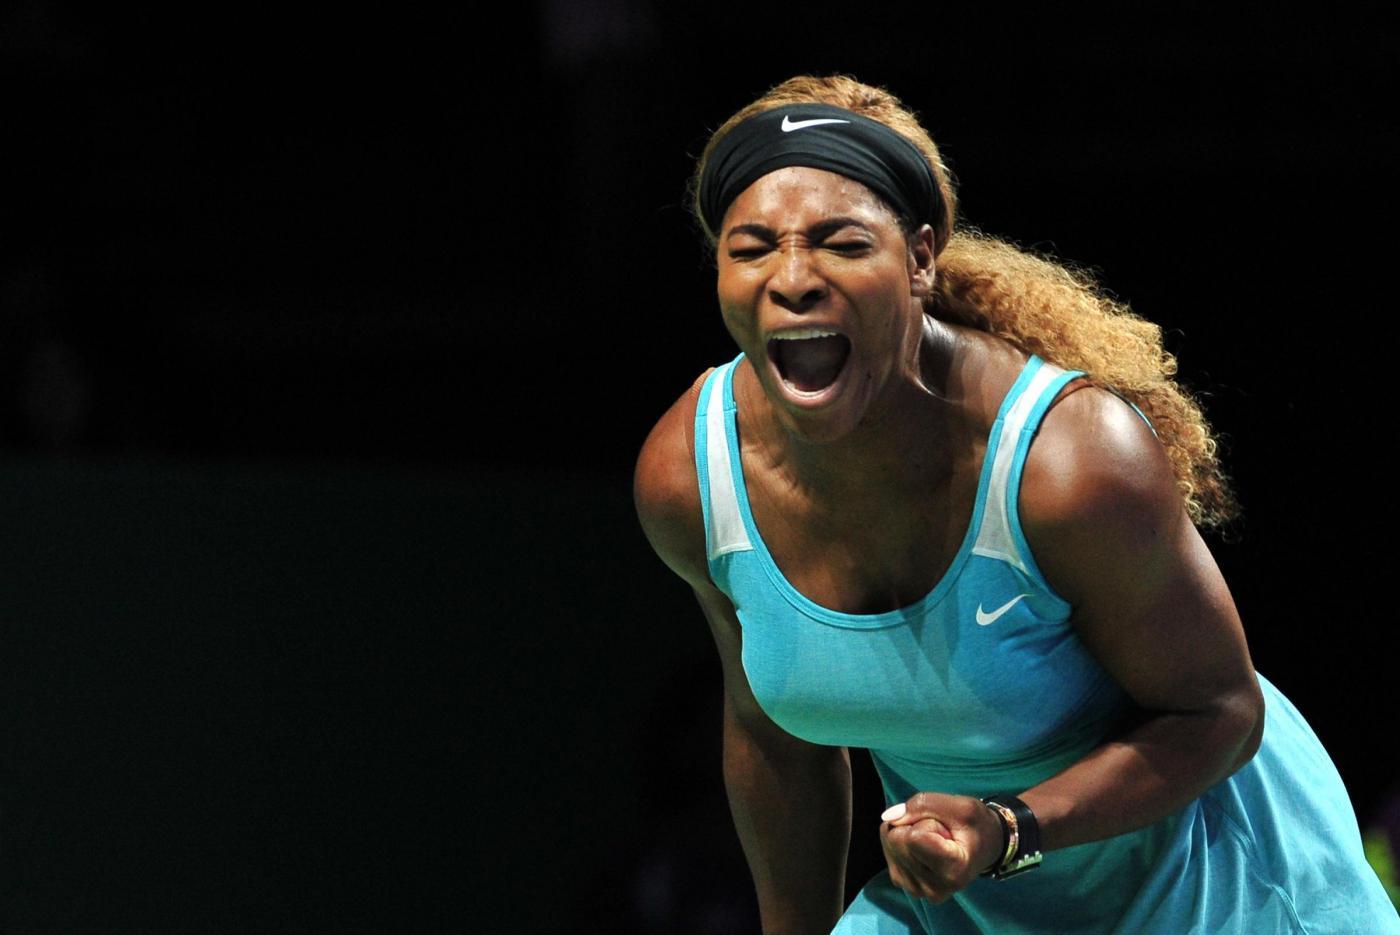 WTA Finals 2014 a Serena Williams, che si vendica sulla Halep